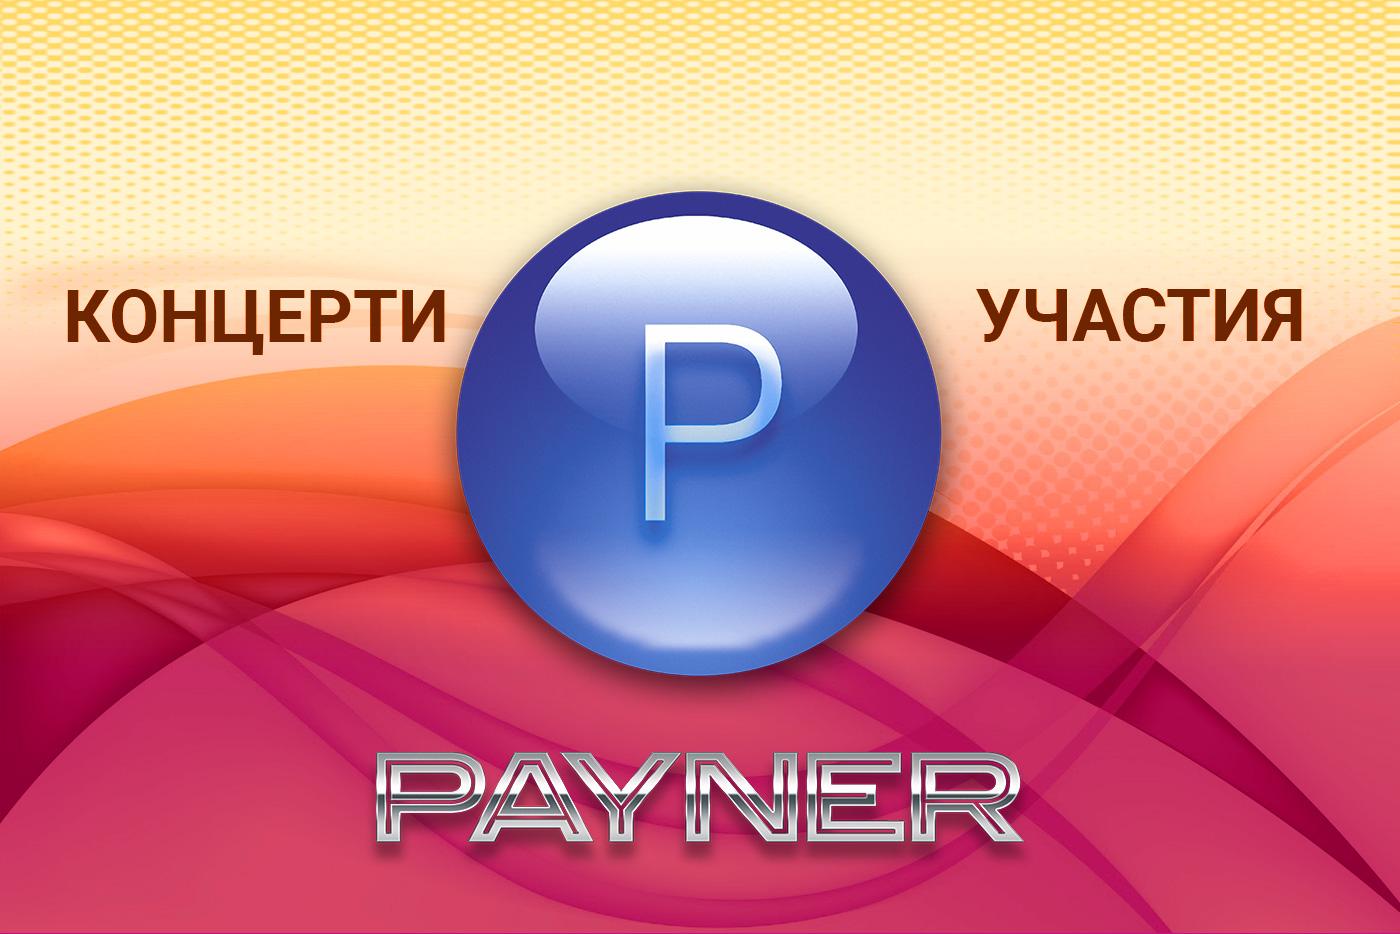 """Участия на звездите на """"Пайнер"""" на 10.08.2019"""